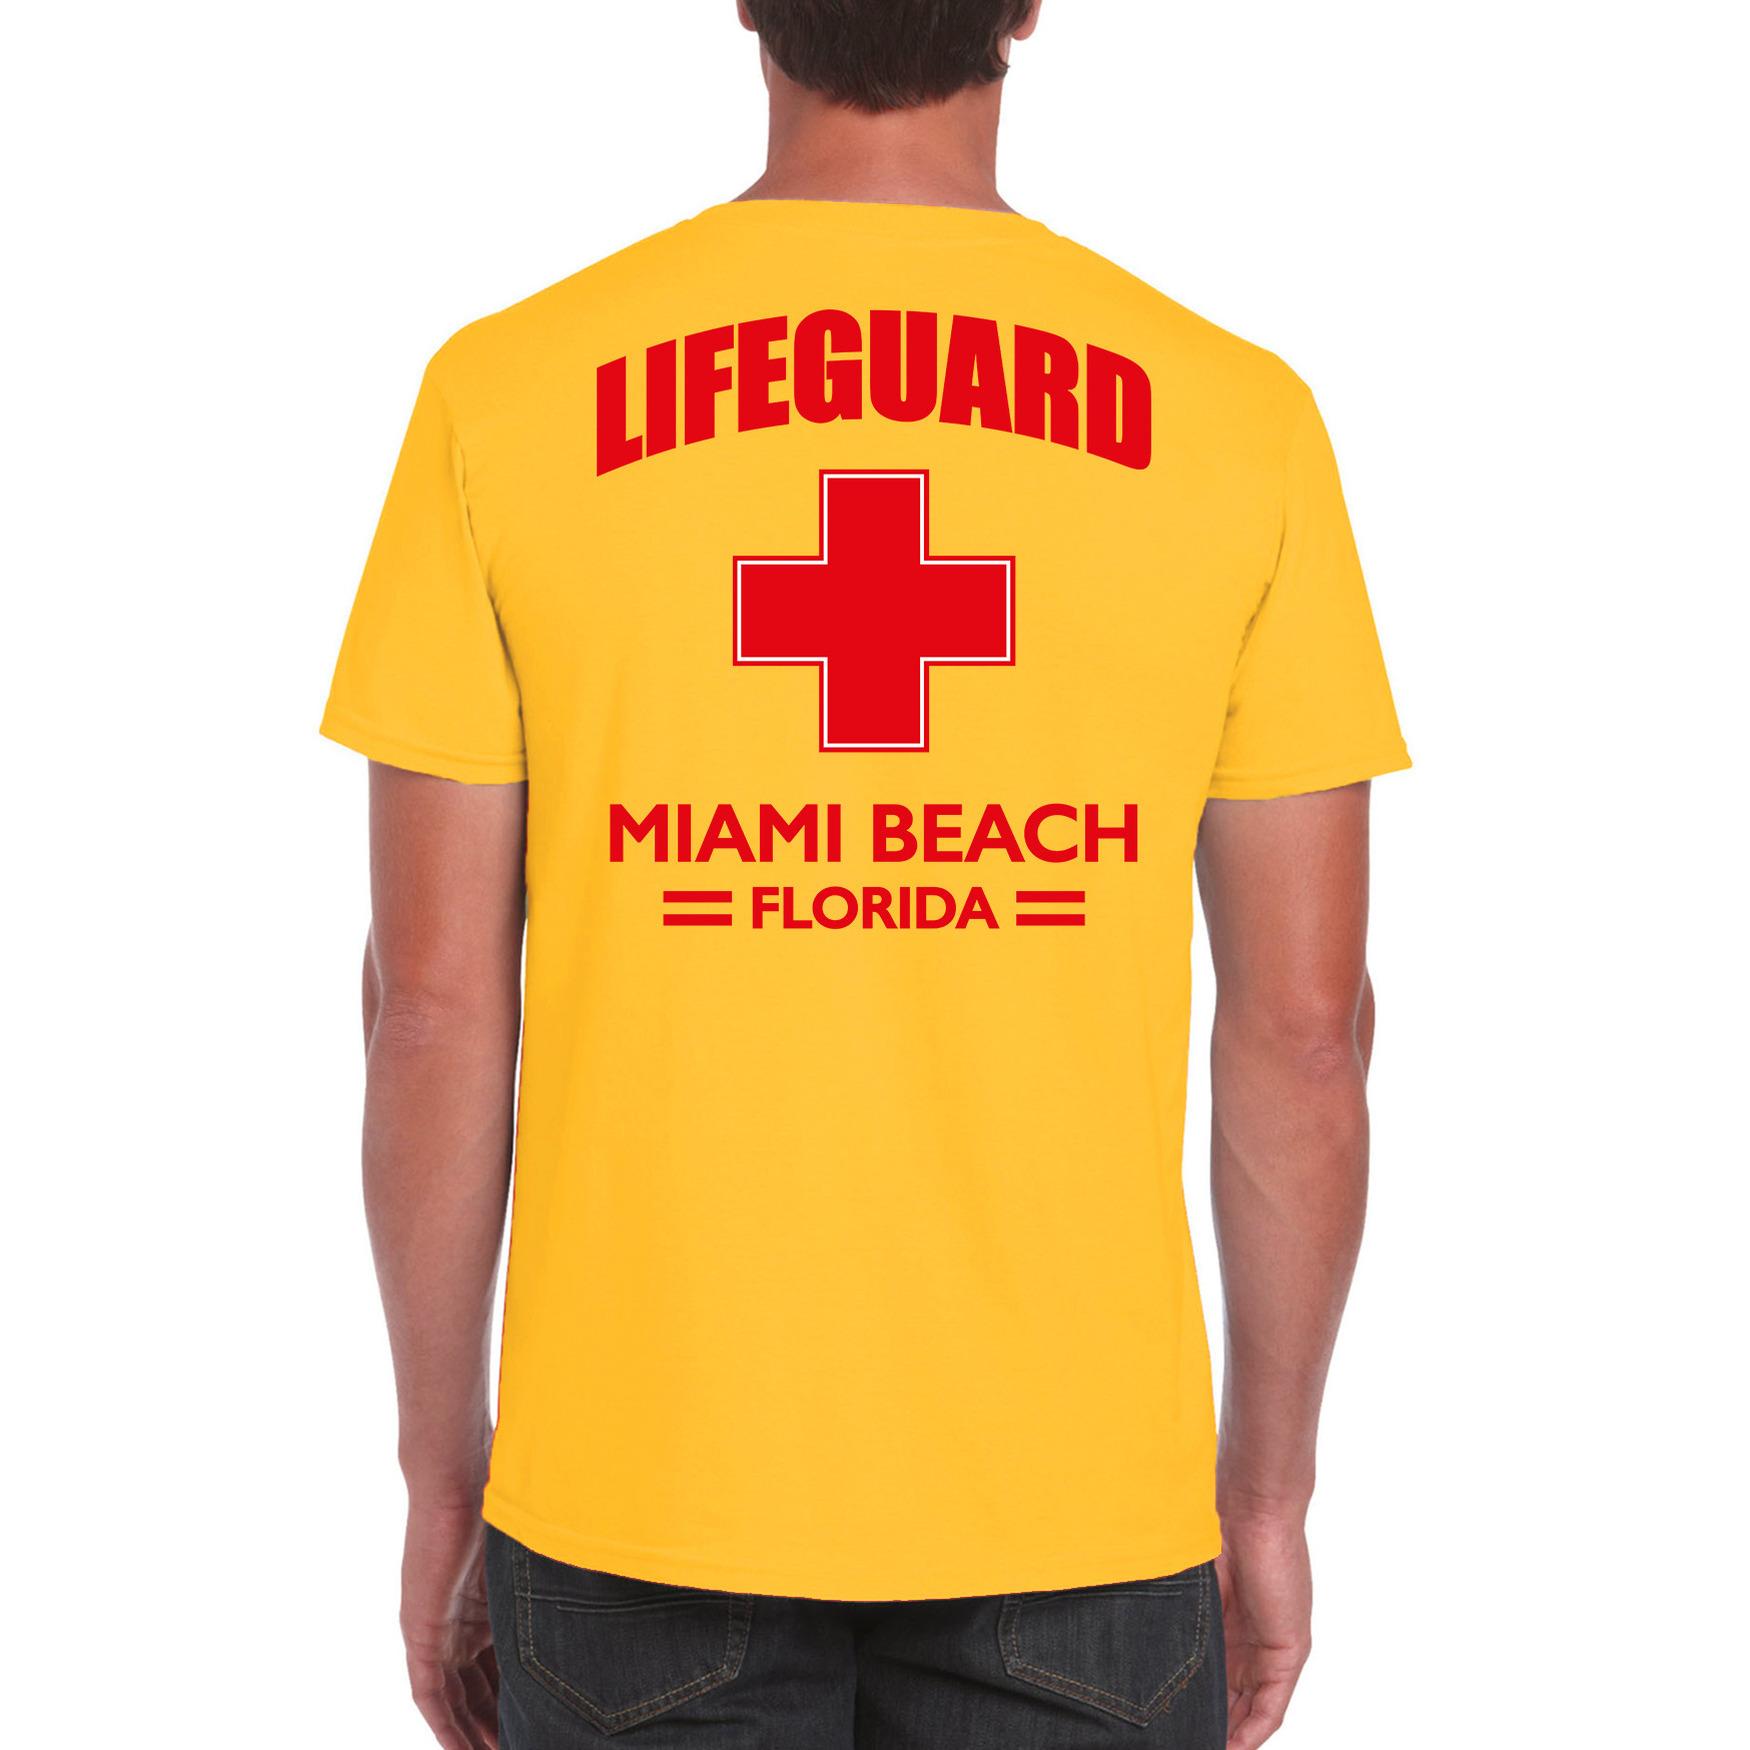 Lifeguard- strandwacht verkleed t-shirt-shirt Lifeguard Miami Beach Florida geel voor heren